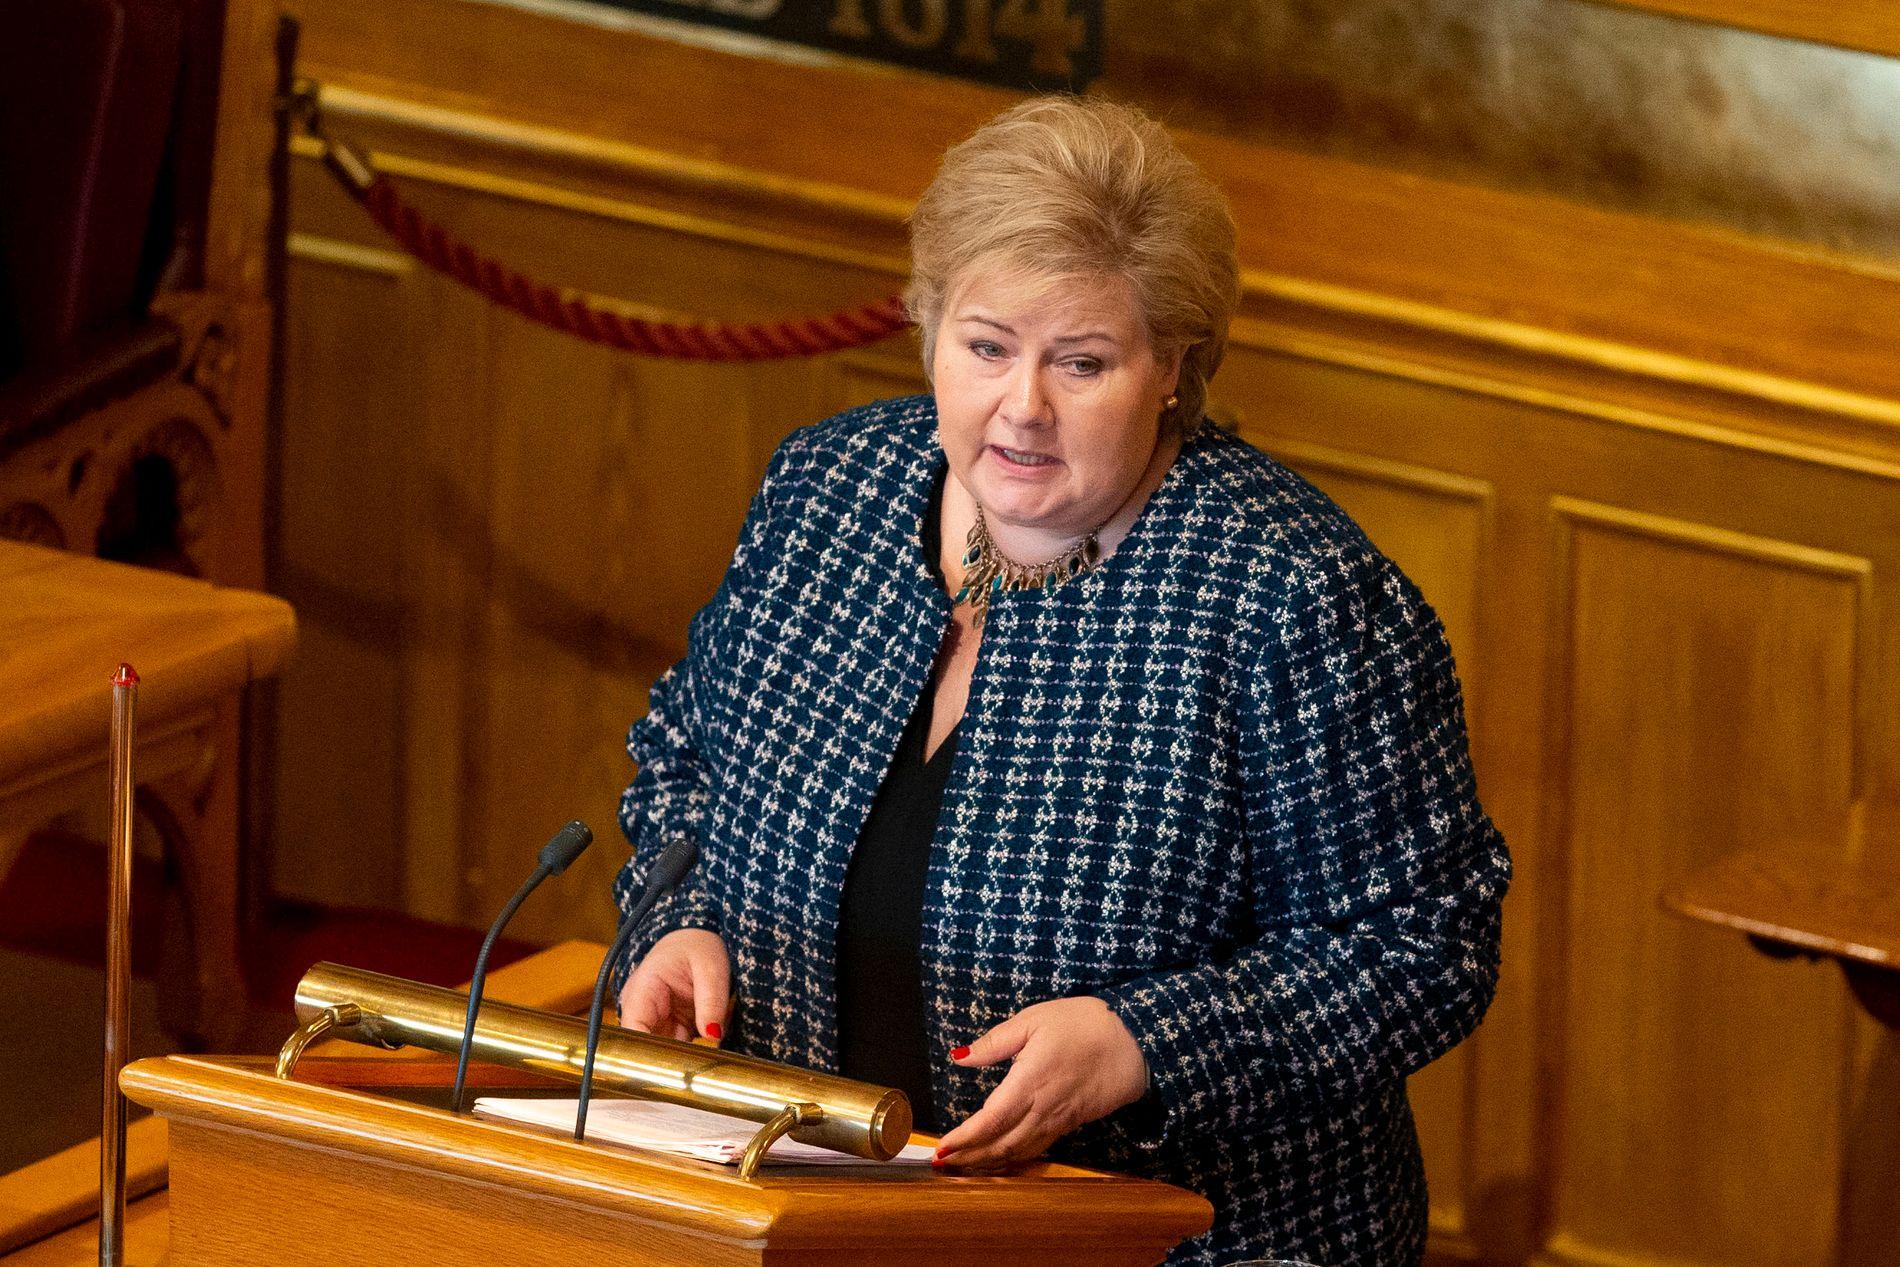 KREVENDE: Erna Solbergs abortflørt får kritikk fra flere hold.